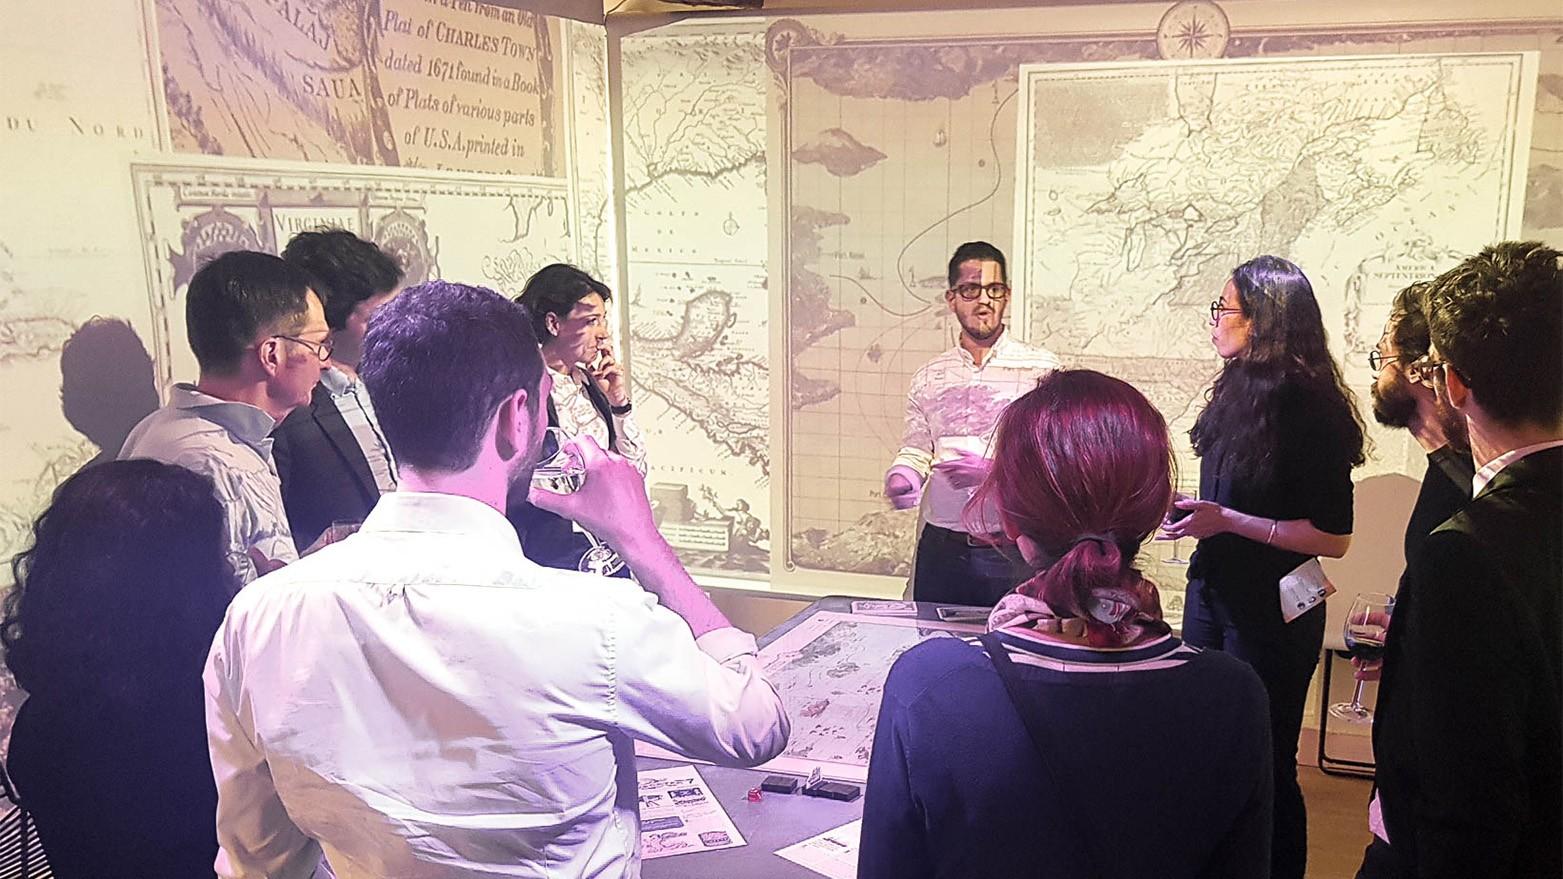 Présentation d'Agilis, notre SeriousGame sur le thème de l'agilité en présence de Jean-Baptiste Sultan, co-développeur du jeu. Dans l'Immersarium, les participants vivent un vrai voyage !